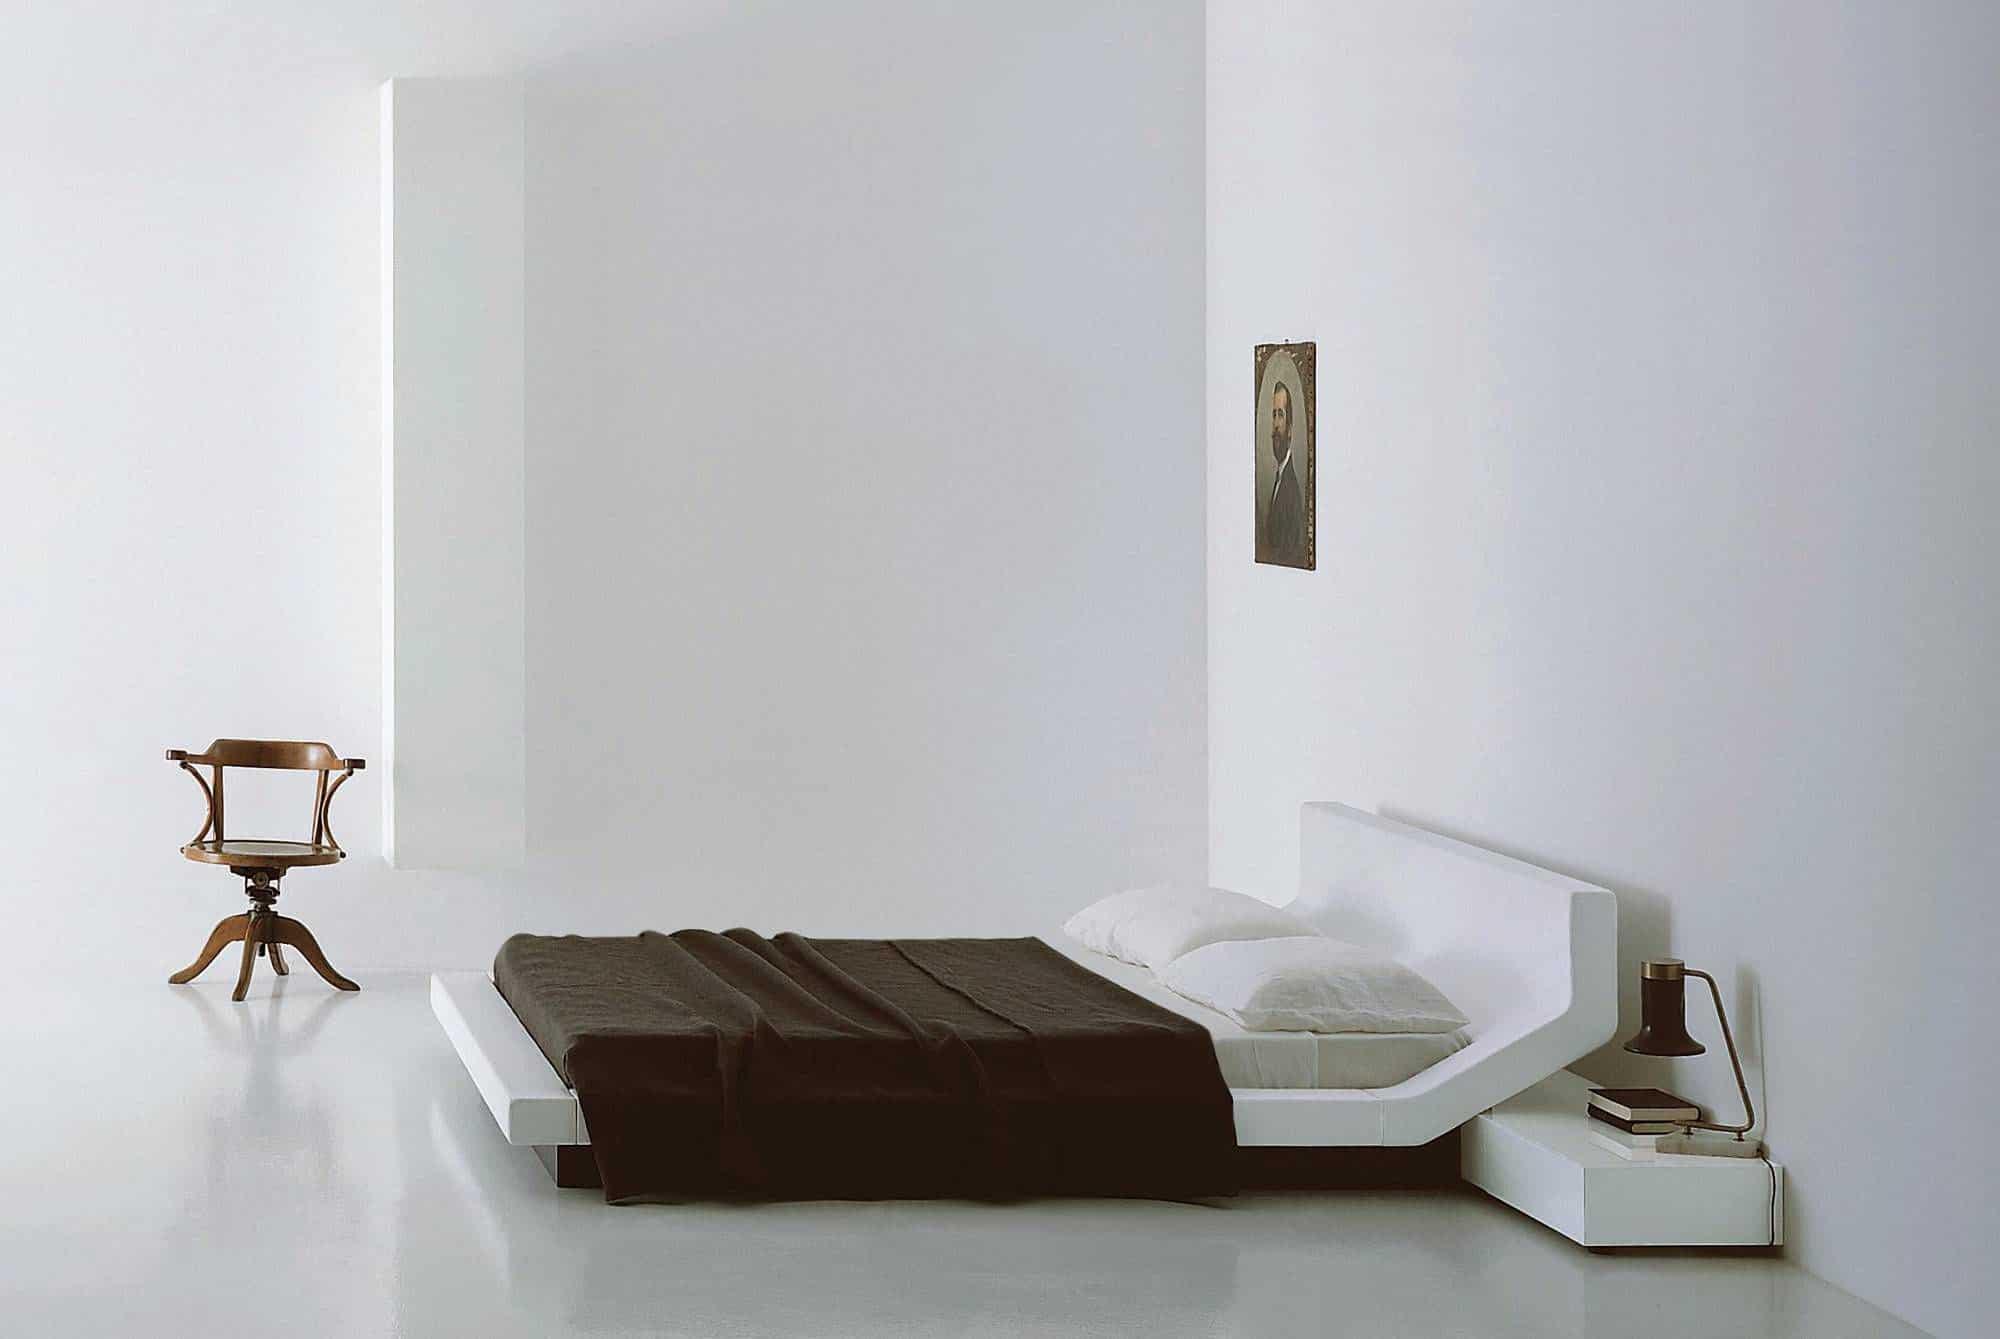 50 Modern Bedroom Design Ideas on Minimalist Modern Simple Bedroom Design  id=25770